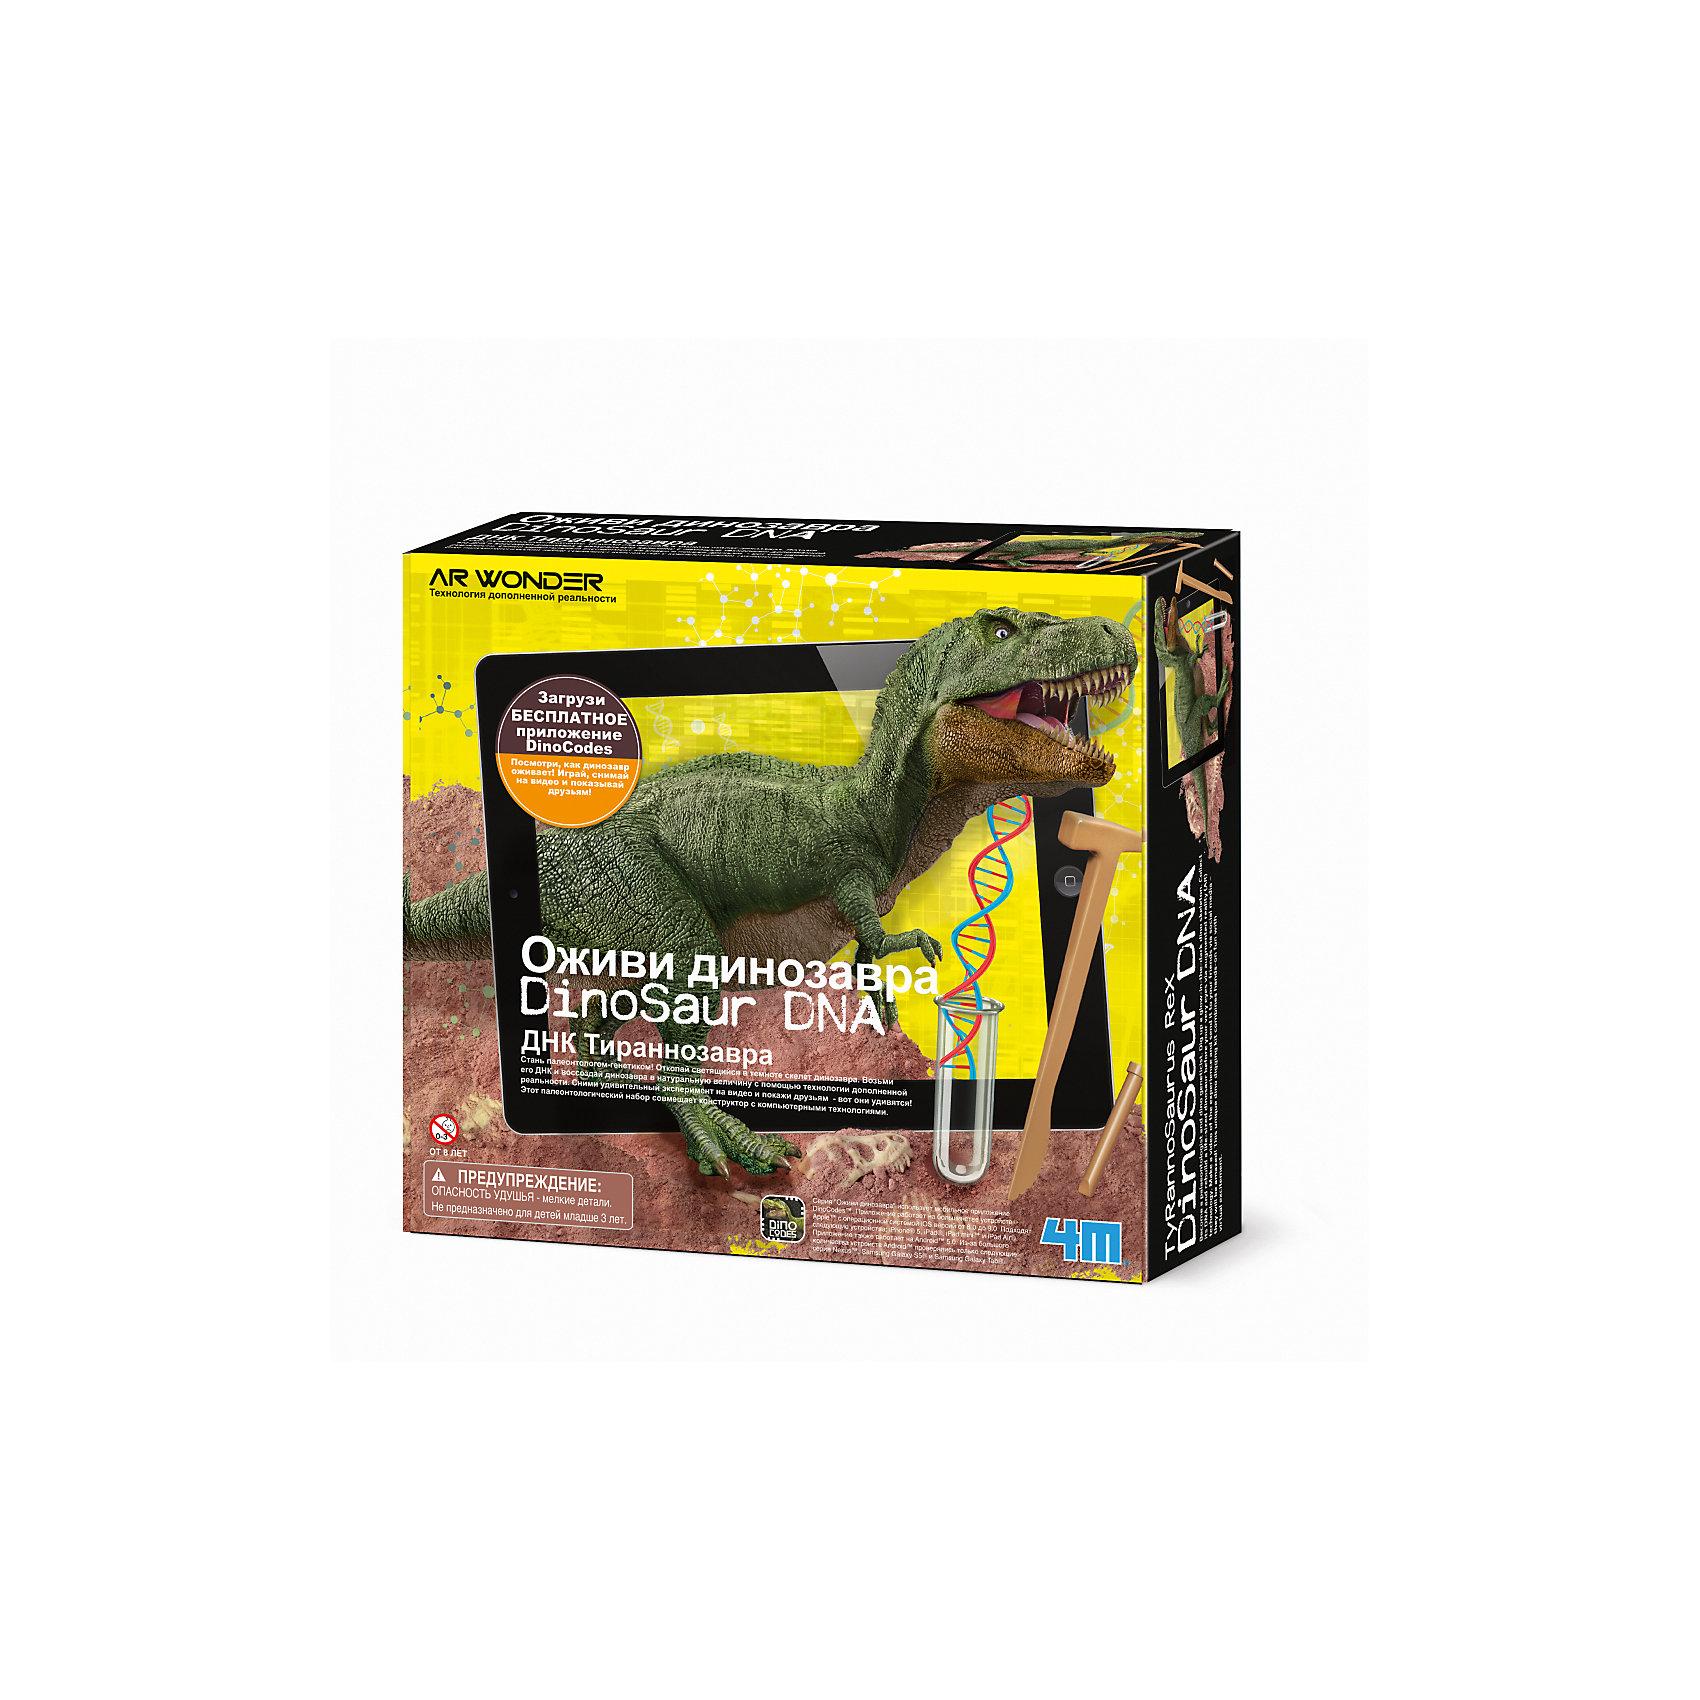 Набор Оживи динозавра. ДНК ТираннозавраНаборы для раскопок<br>Набор Оживи динозавра. ДНК Тираннозавра.<br><br>Характеристика: <br><br>• Возраст: от 8 лет<br>• Материал: пластик, гипс, воск. <br>• Размер: 6х24х21,5 см.<br>• Комплектация: 1 гипсовый блок, содержащий капсулу с наклейками ДНК динозавра и светящийся скелет динозавра, 1 набор специальных инструментов для раскопок, 1 кисть, 2 специальных игровых коврика для создания дополненной реальности (42?42 см), 1 кусок мягкого воска.<br>• Развивает внимание, мелкую моторику, воображение; расширяет кругозор. <br>• Для оживления динозавра требуется приложение Dino Codes. <br><br>С помощью этого замечательного набора ребенок почувствует себя настоящим ученым-палеонтологом. В наборе есть гипсовый блок, в котором содержится капсула с ДНК динозавра (наклейками) и части скелета. Собери своего тираннозавра, а потом, следуя инструкции, создай видео и оживи доисторического монстра! <br>Игры с набором прекрасно развивают моторику рук, внимание, фантазию, расширяют кругозор.<br><br>Набор Оживи динозавра. ДНК Тираннозавра можно купить в нашем интернет-магазине.<br><br>Ширина мм: 215<br>Глубина мм: 240<br>Высота мм: 60<br>Вес г: 1225<br>Возраст от месяцев: 96<br>Возраст до месяцев: 2147483647<br>Пол: Унисекс<br>Возраст: Детский<br>SKU: 5487901